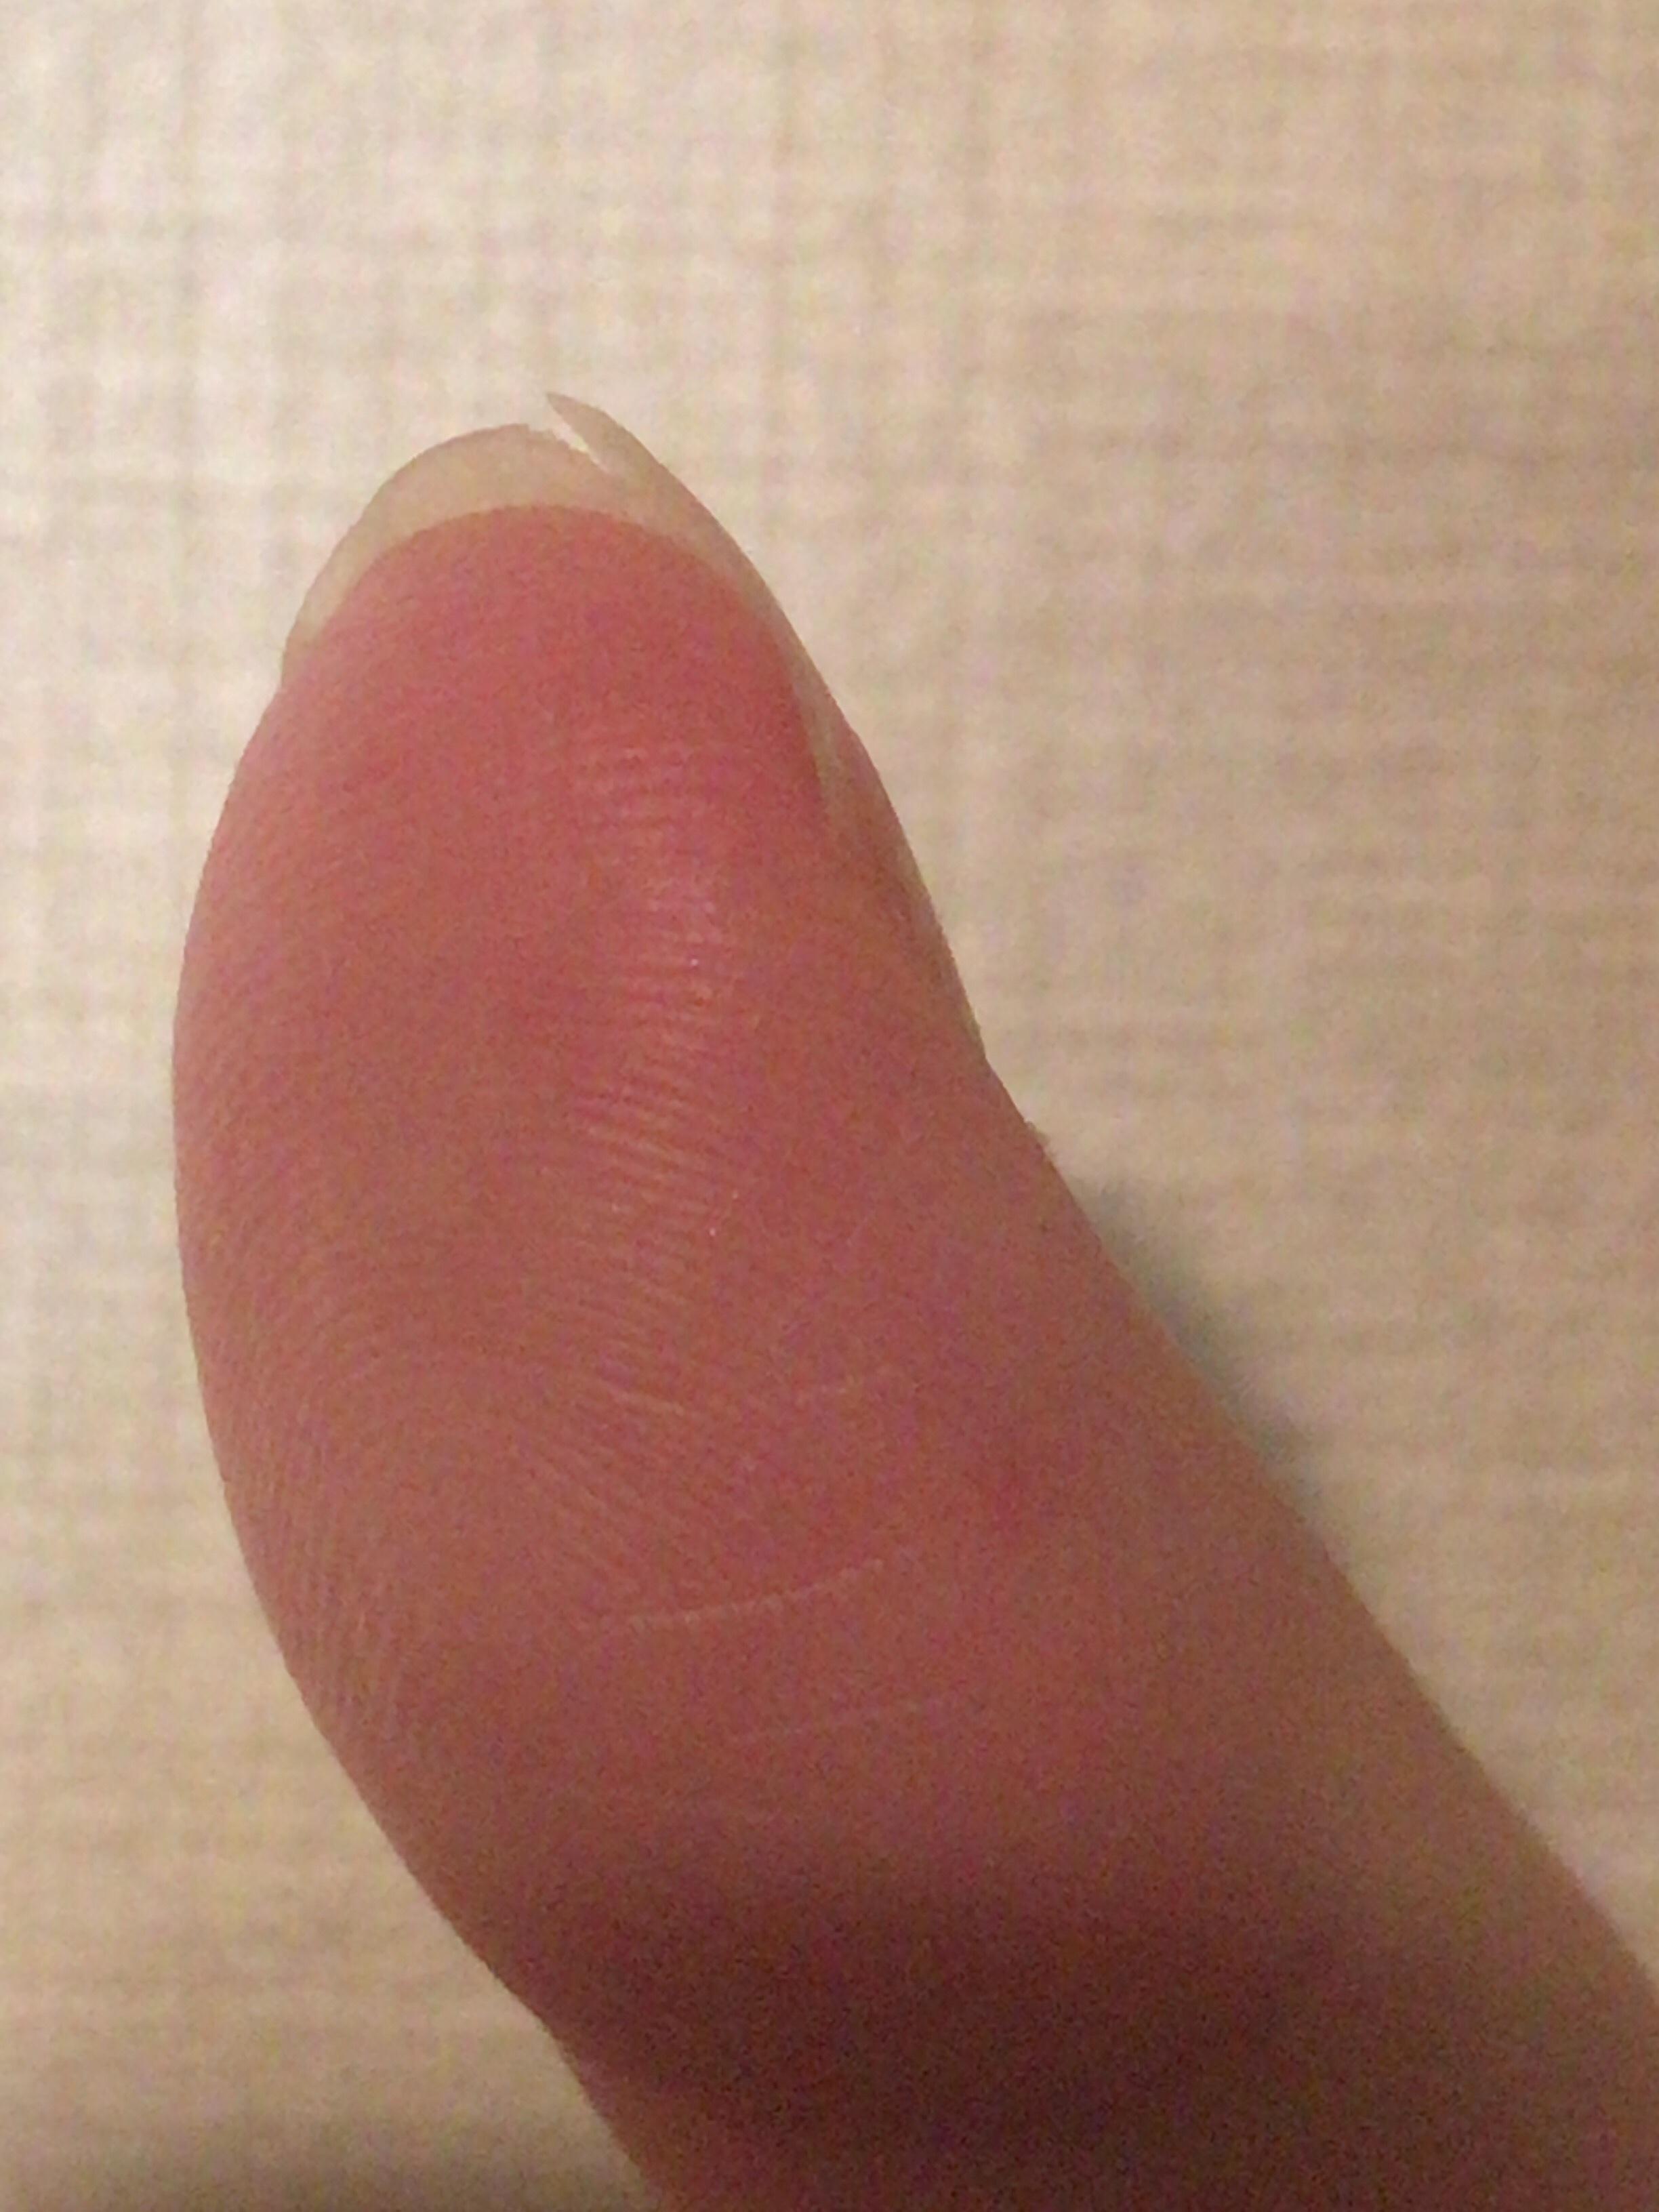 開始1週間で爪が割れた写真